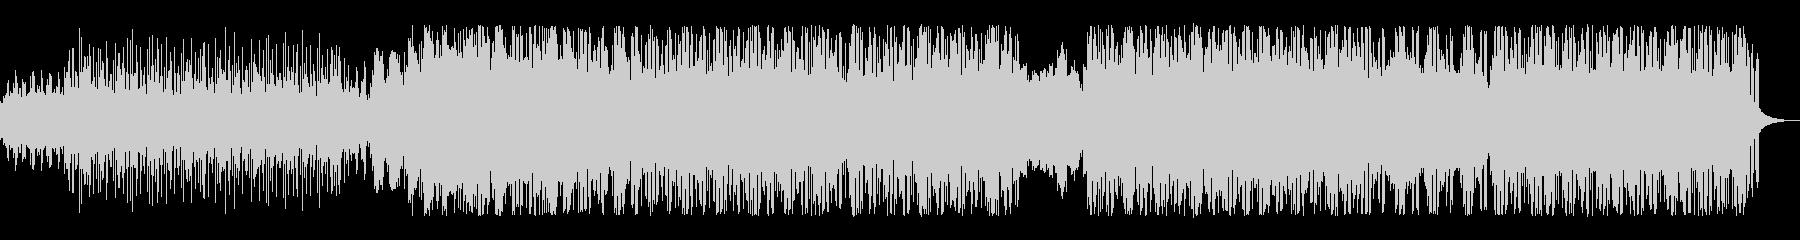 シンプルなミニマルポストロックの未再生の波形